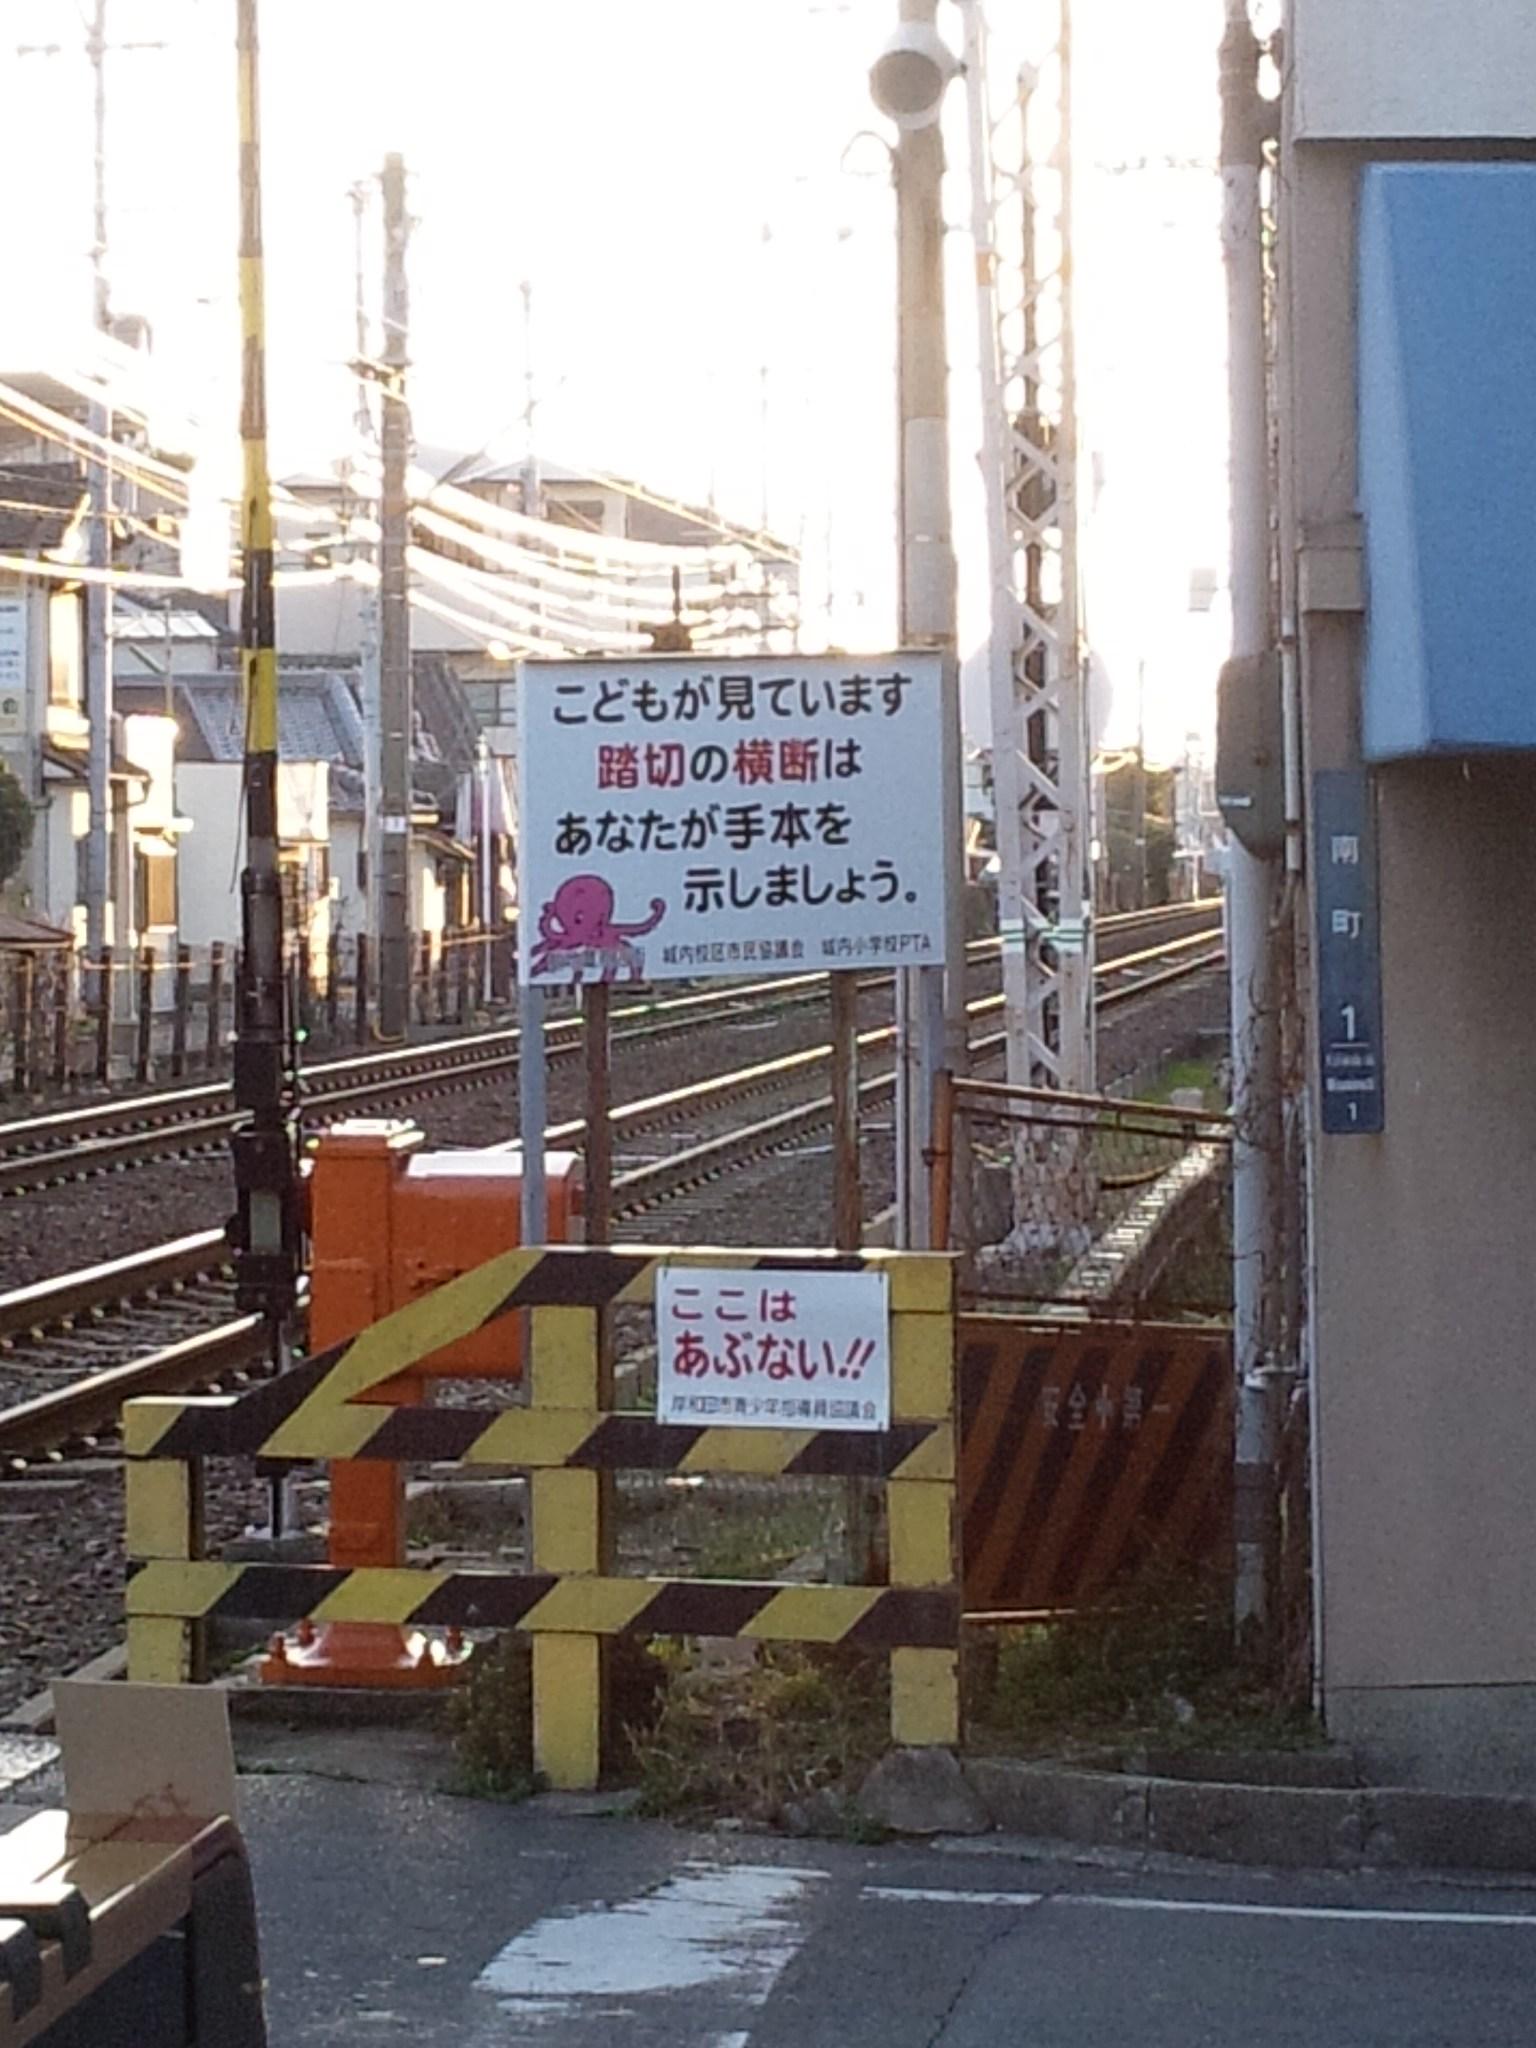 蛸地蔵駅の踏み切り_c0001670_8352440.jpg